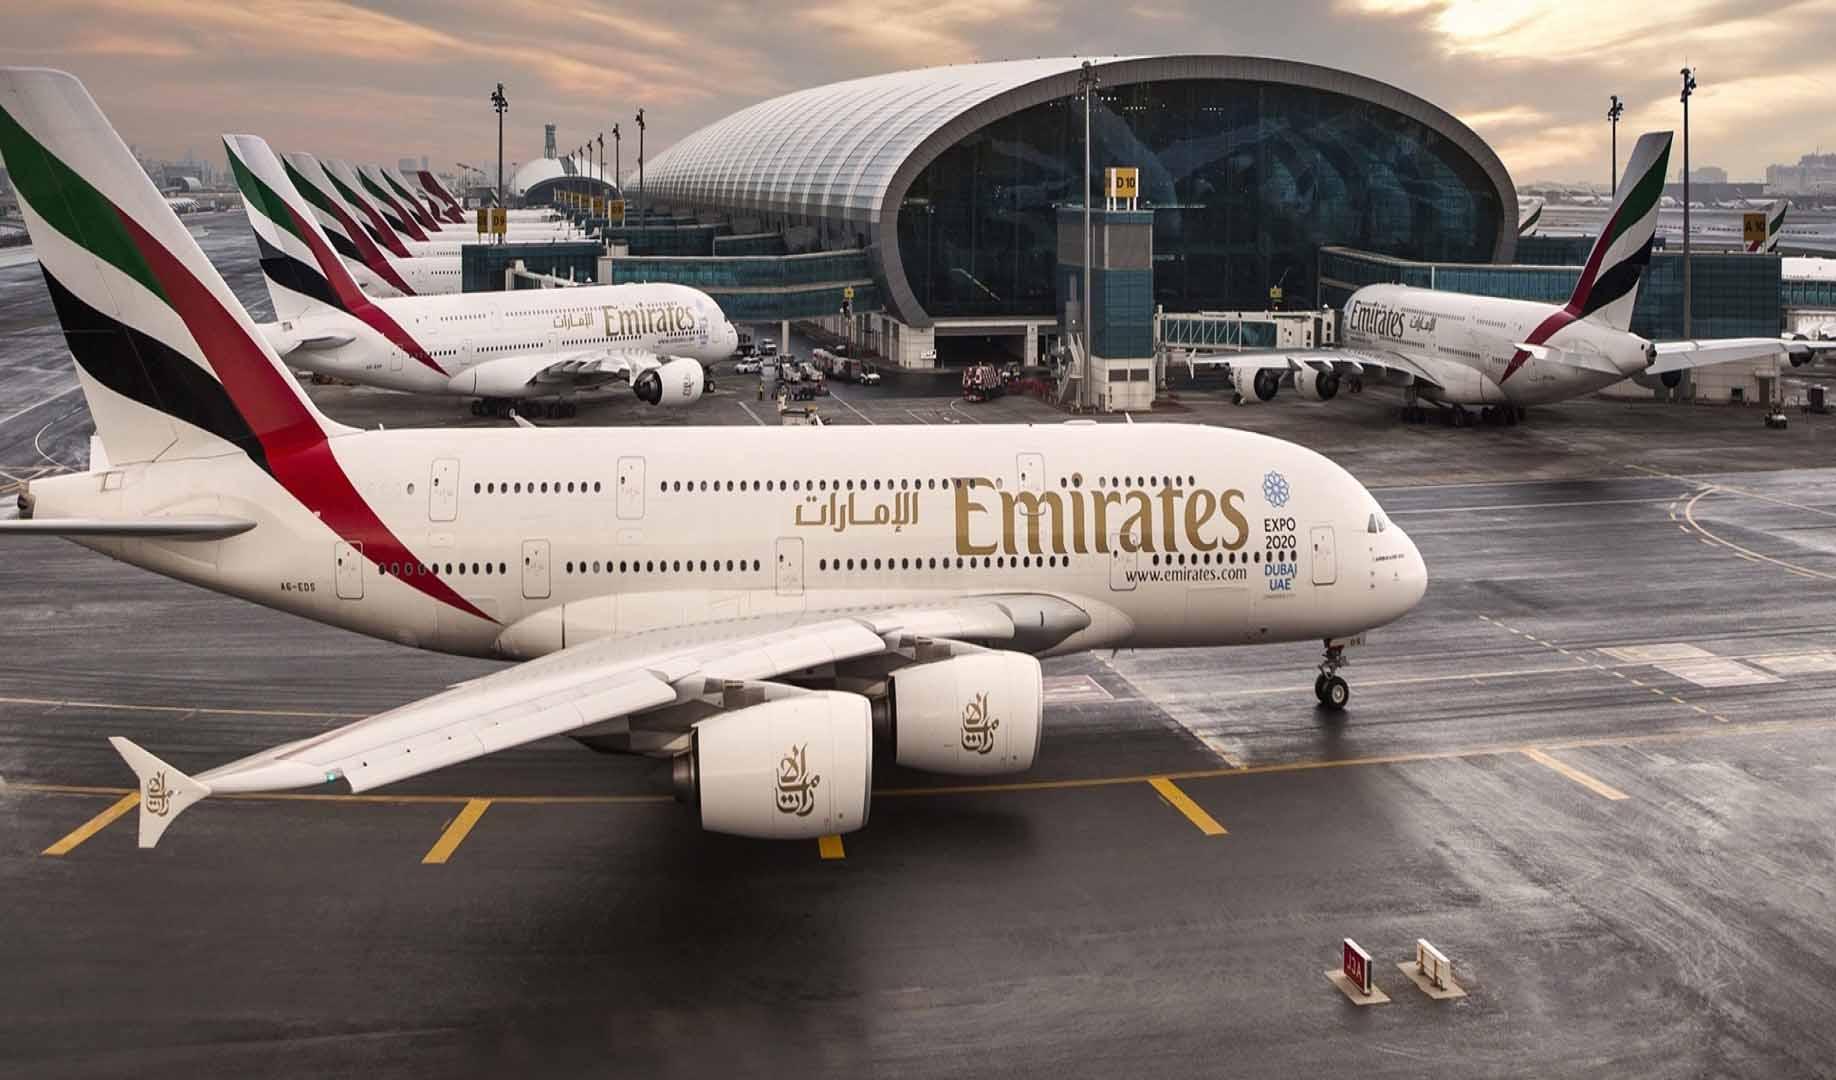 امارات و ترکیه پروازهای خود را از سر میگیرند